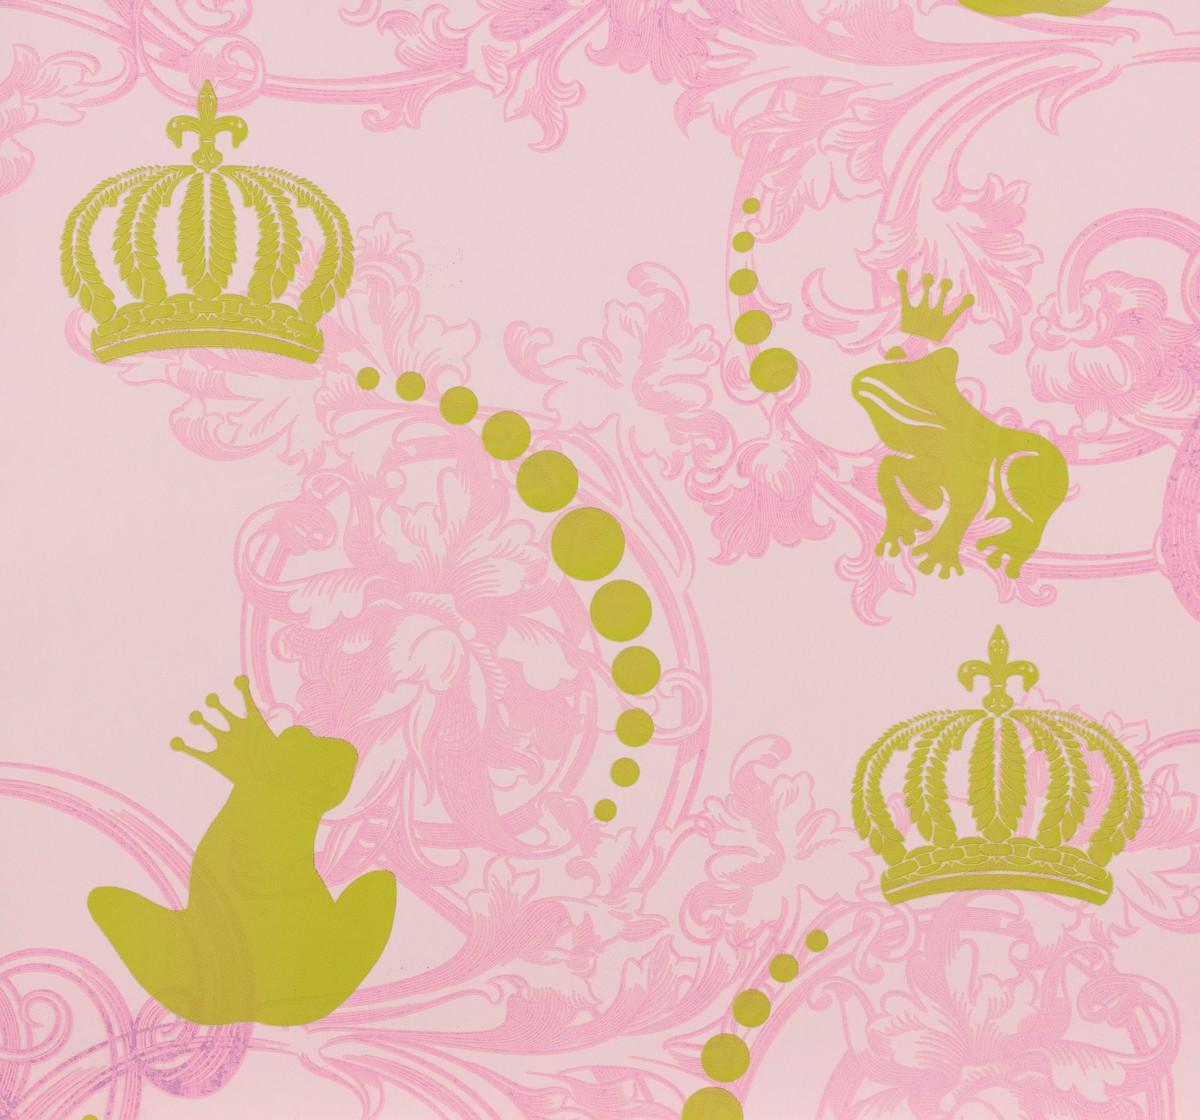 childrens paradise kindertapete vlies gl ckler 54116 froschk nig rosa gold tapeten harald. Black Bedroom Furniture Sets. Home Design Ideas